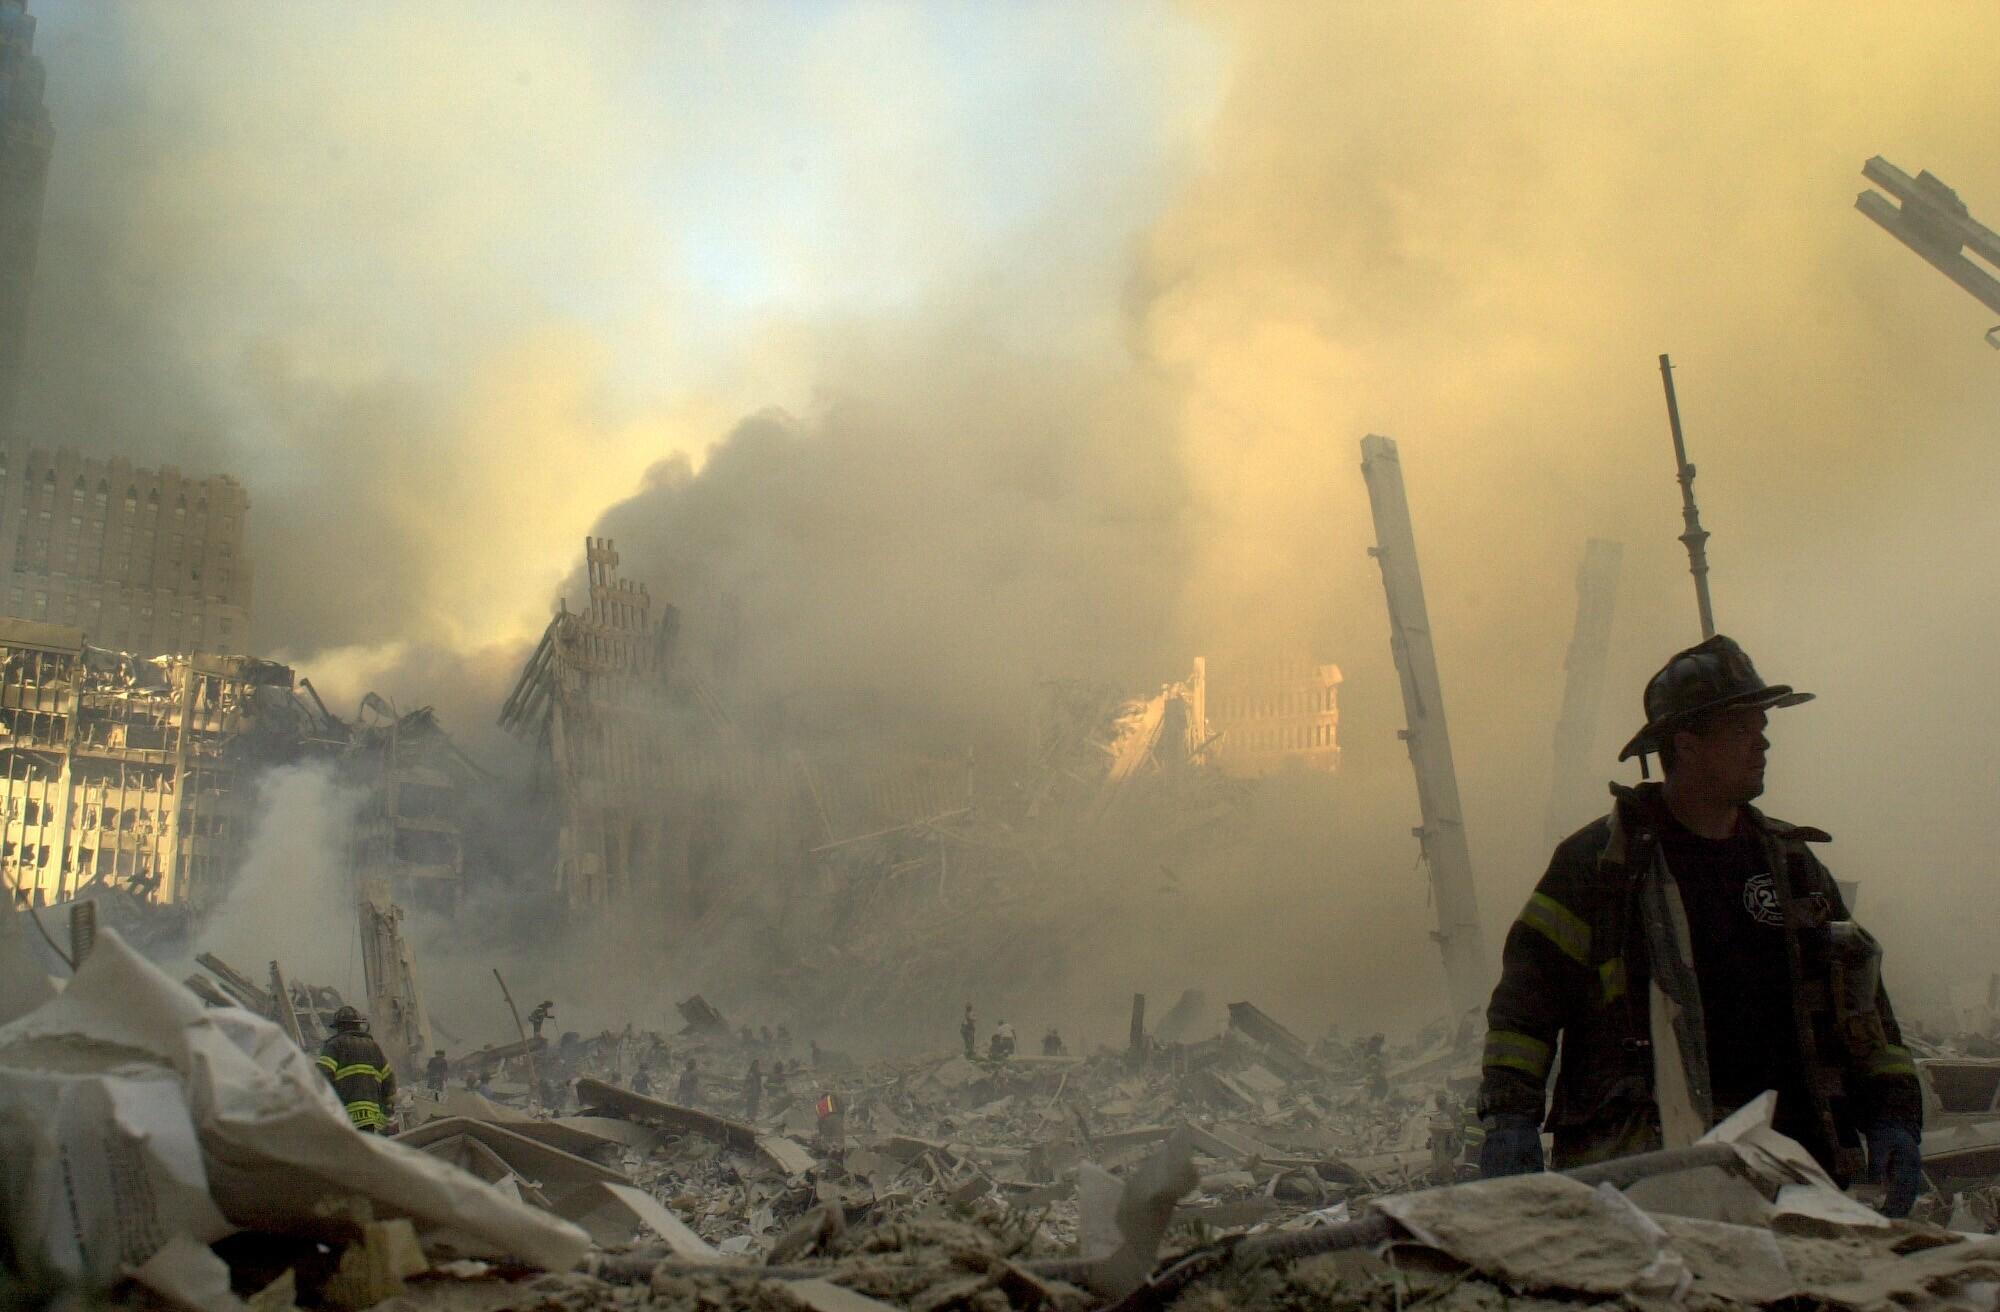 September 11th Remembered